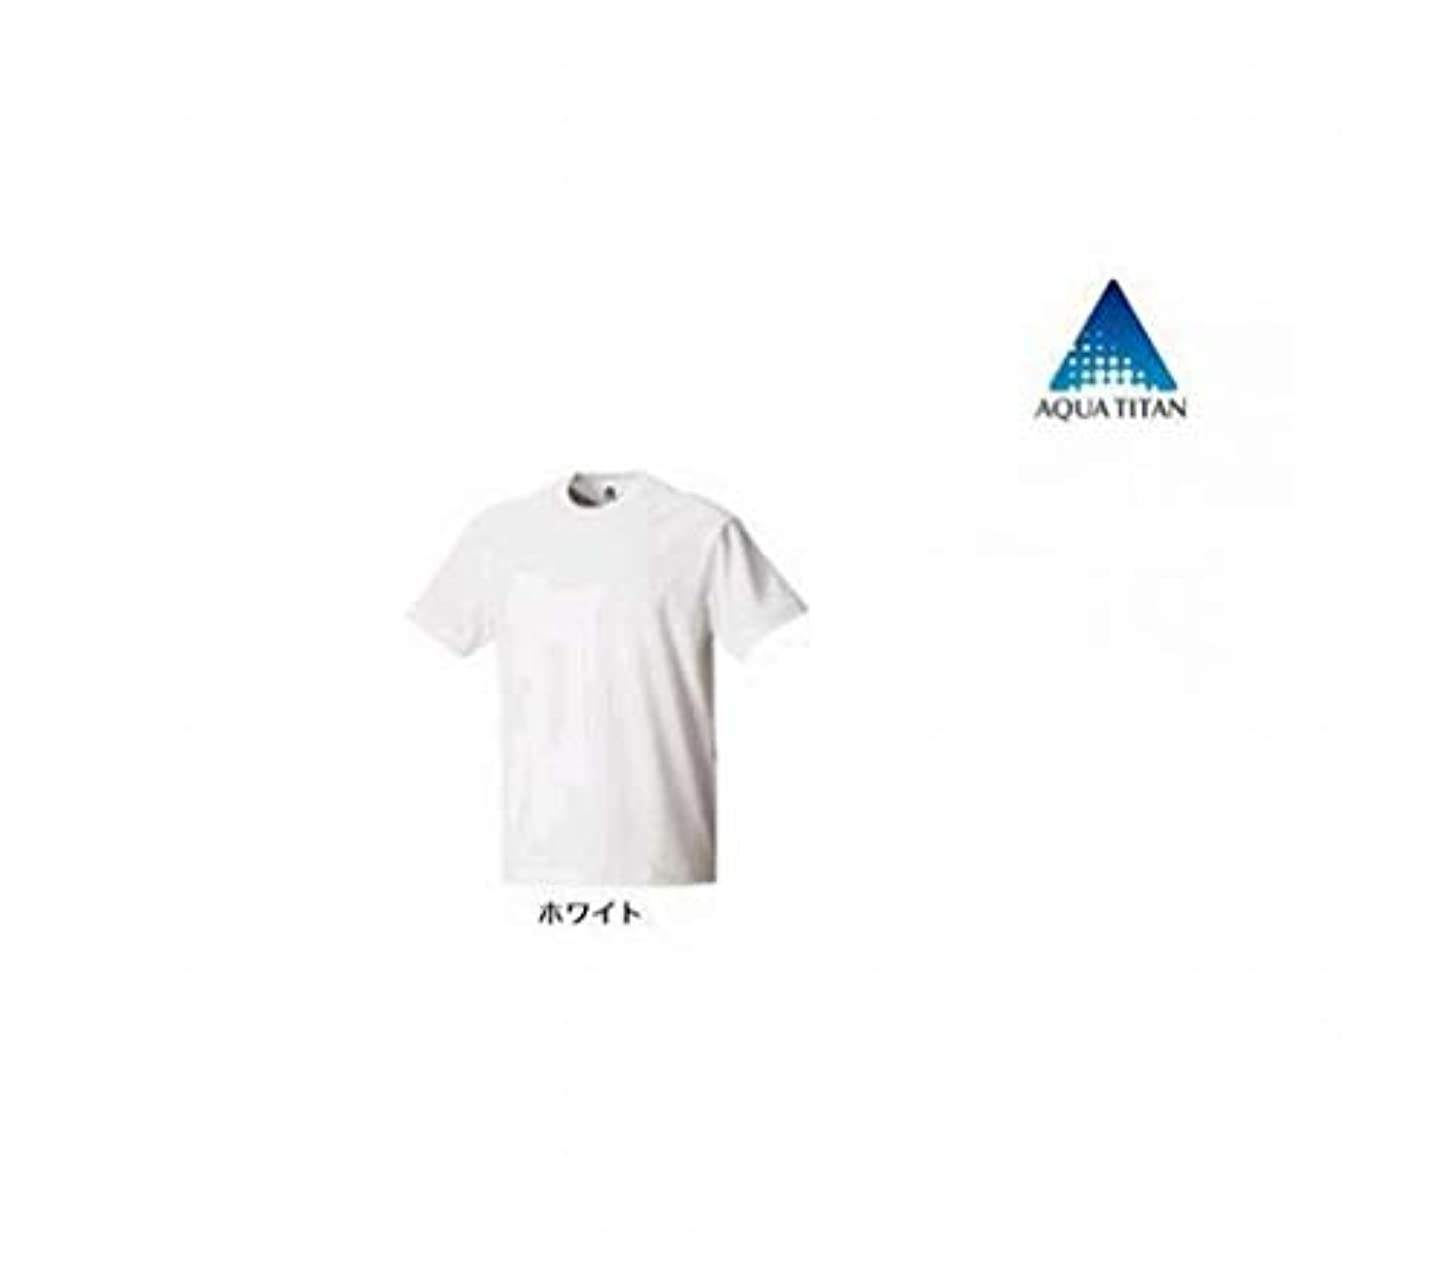 克服する手気晴らしファイテン(phiten) RAKUシャツSTANDARD (吸汗速乾) 半袖 ホワイト Sサイズ